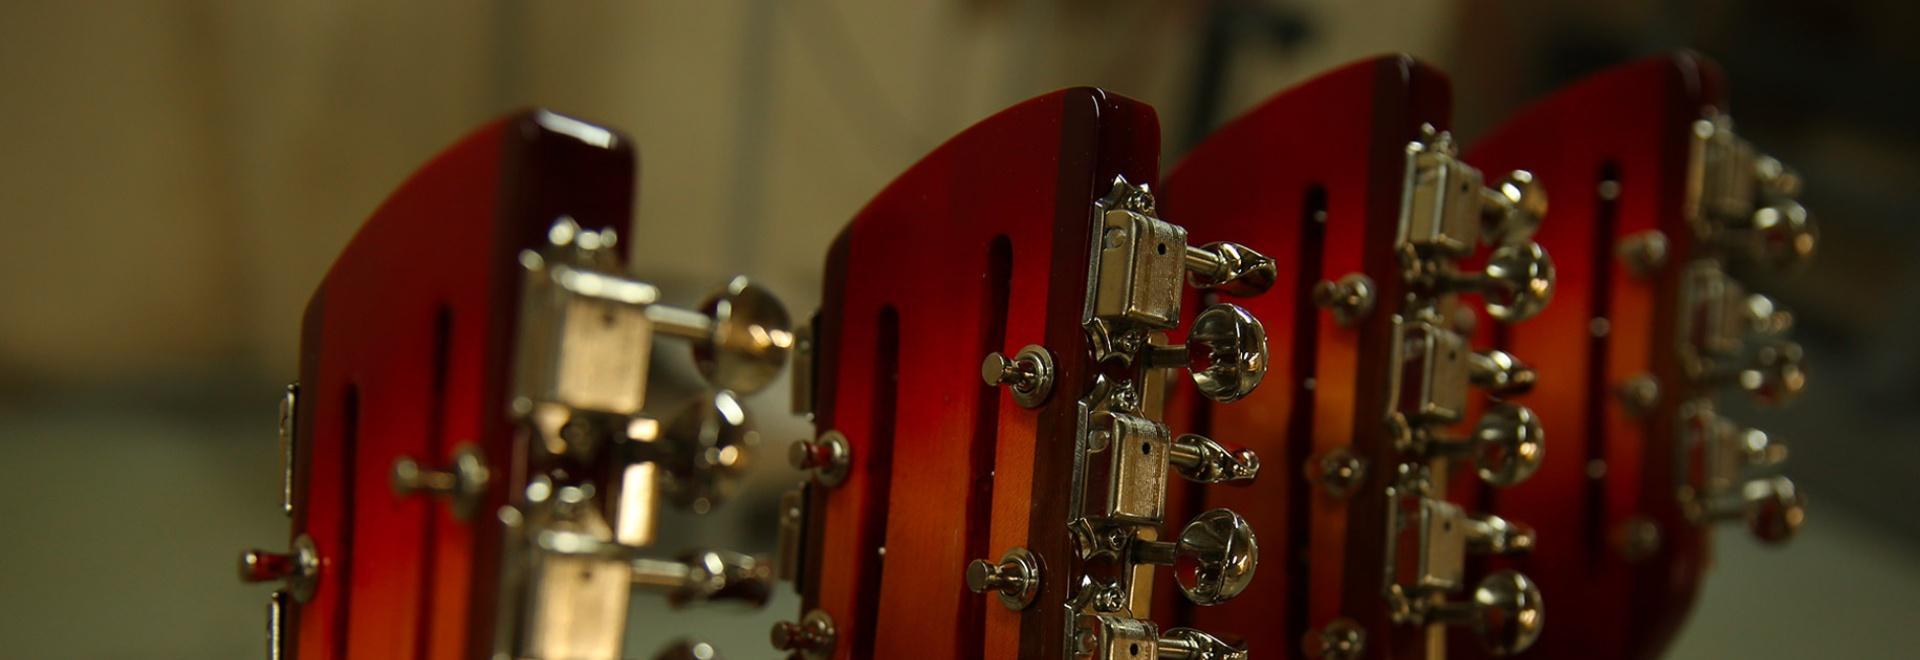 Rock Revolution - Le invenzioni che hanno cambiato la musica